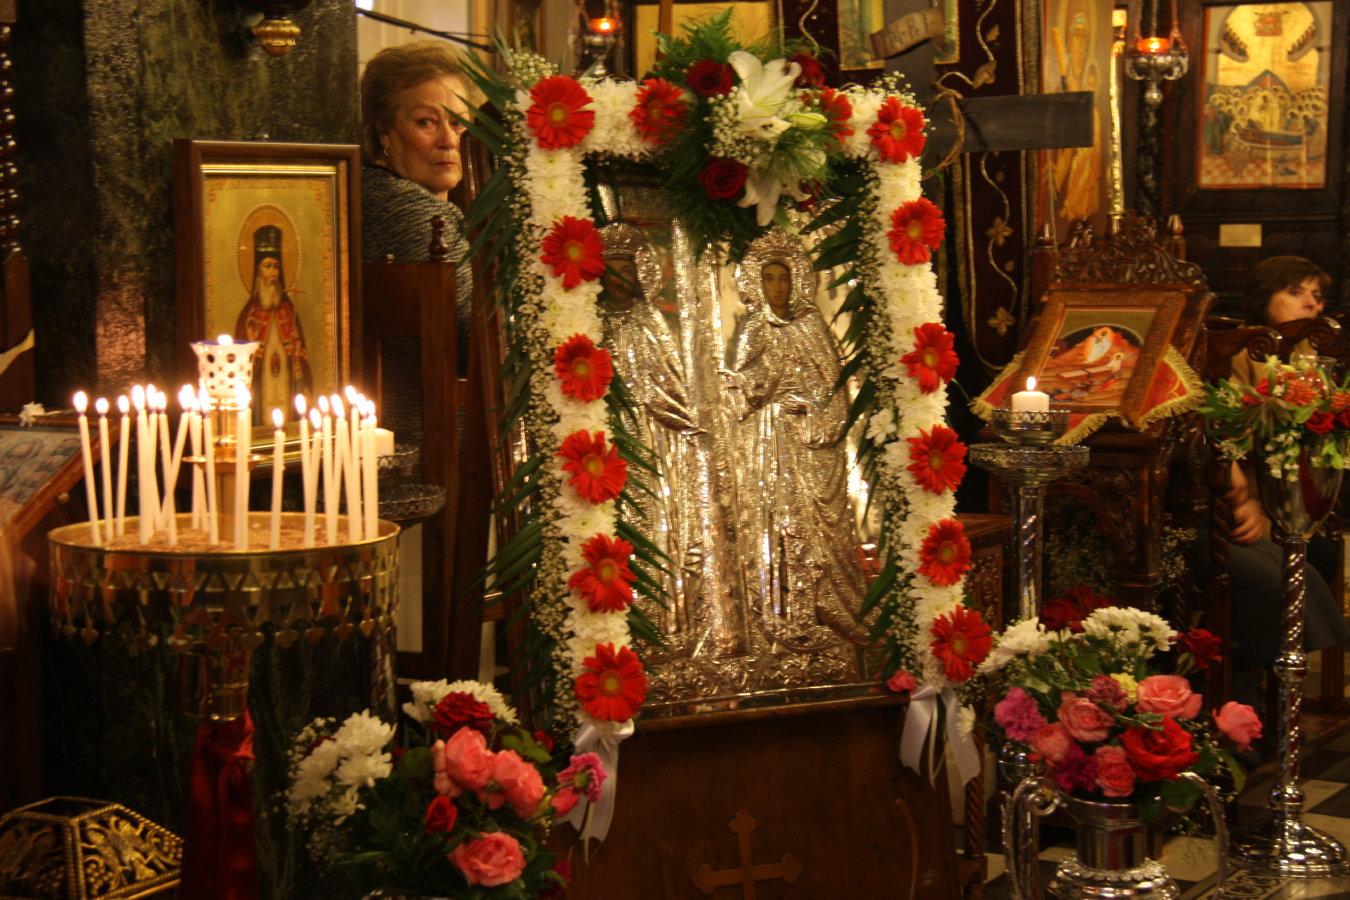 Αγίου Κωνσταντίνου Λειβάδια Άνδρου 20 Μαΐου 2016 Vanglouk Androsfilm (9)